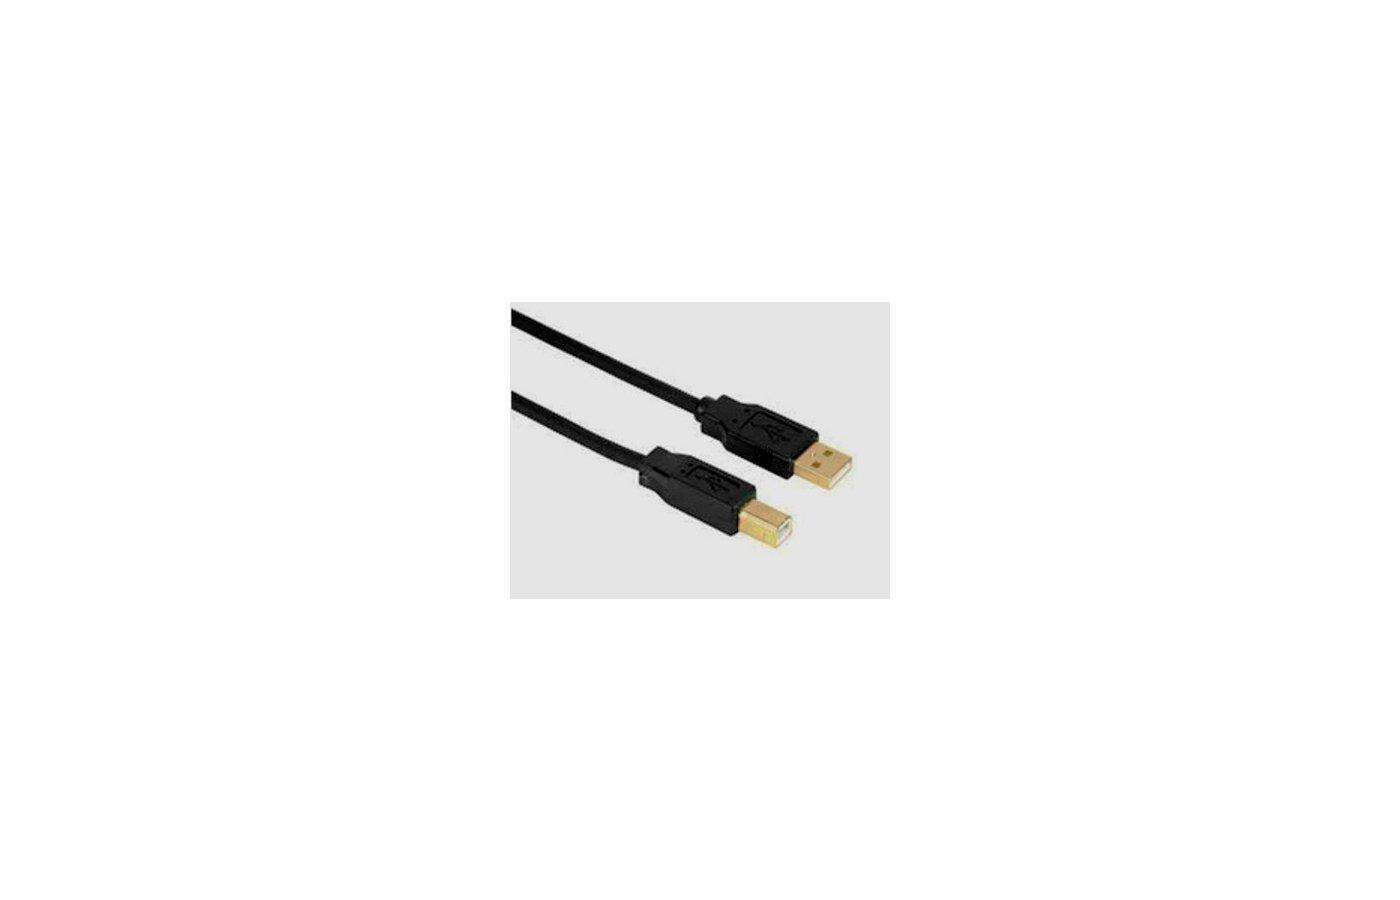 USB Кабель Hama H-29767 USB 2.0 A(m) - В(m) 3м позолоченные штекеры черный